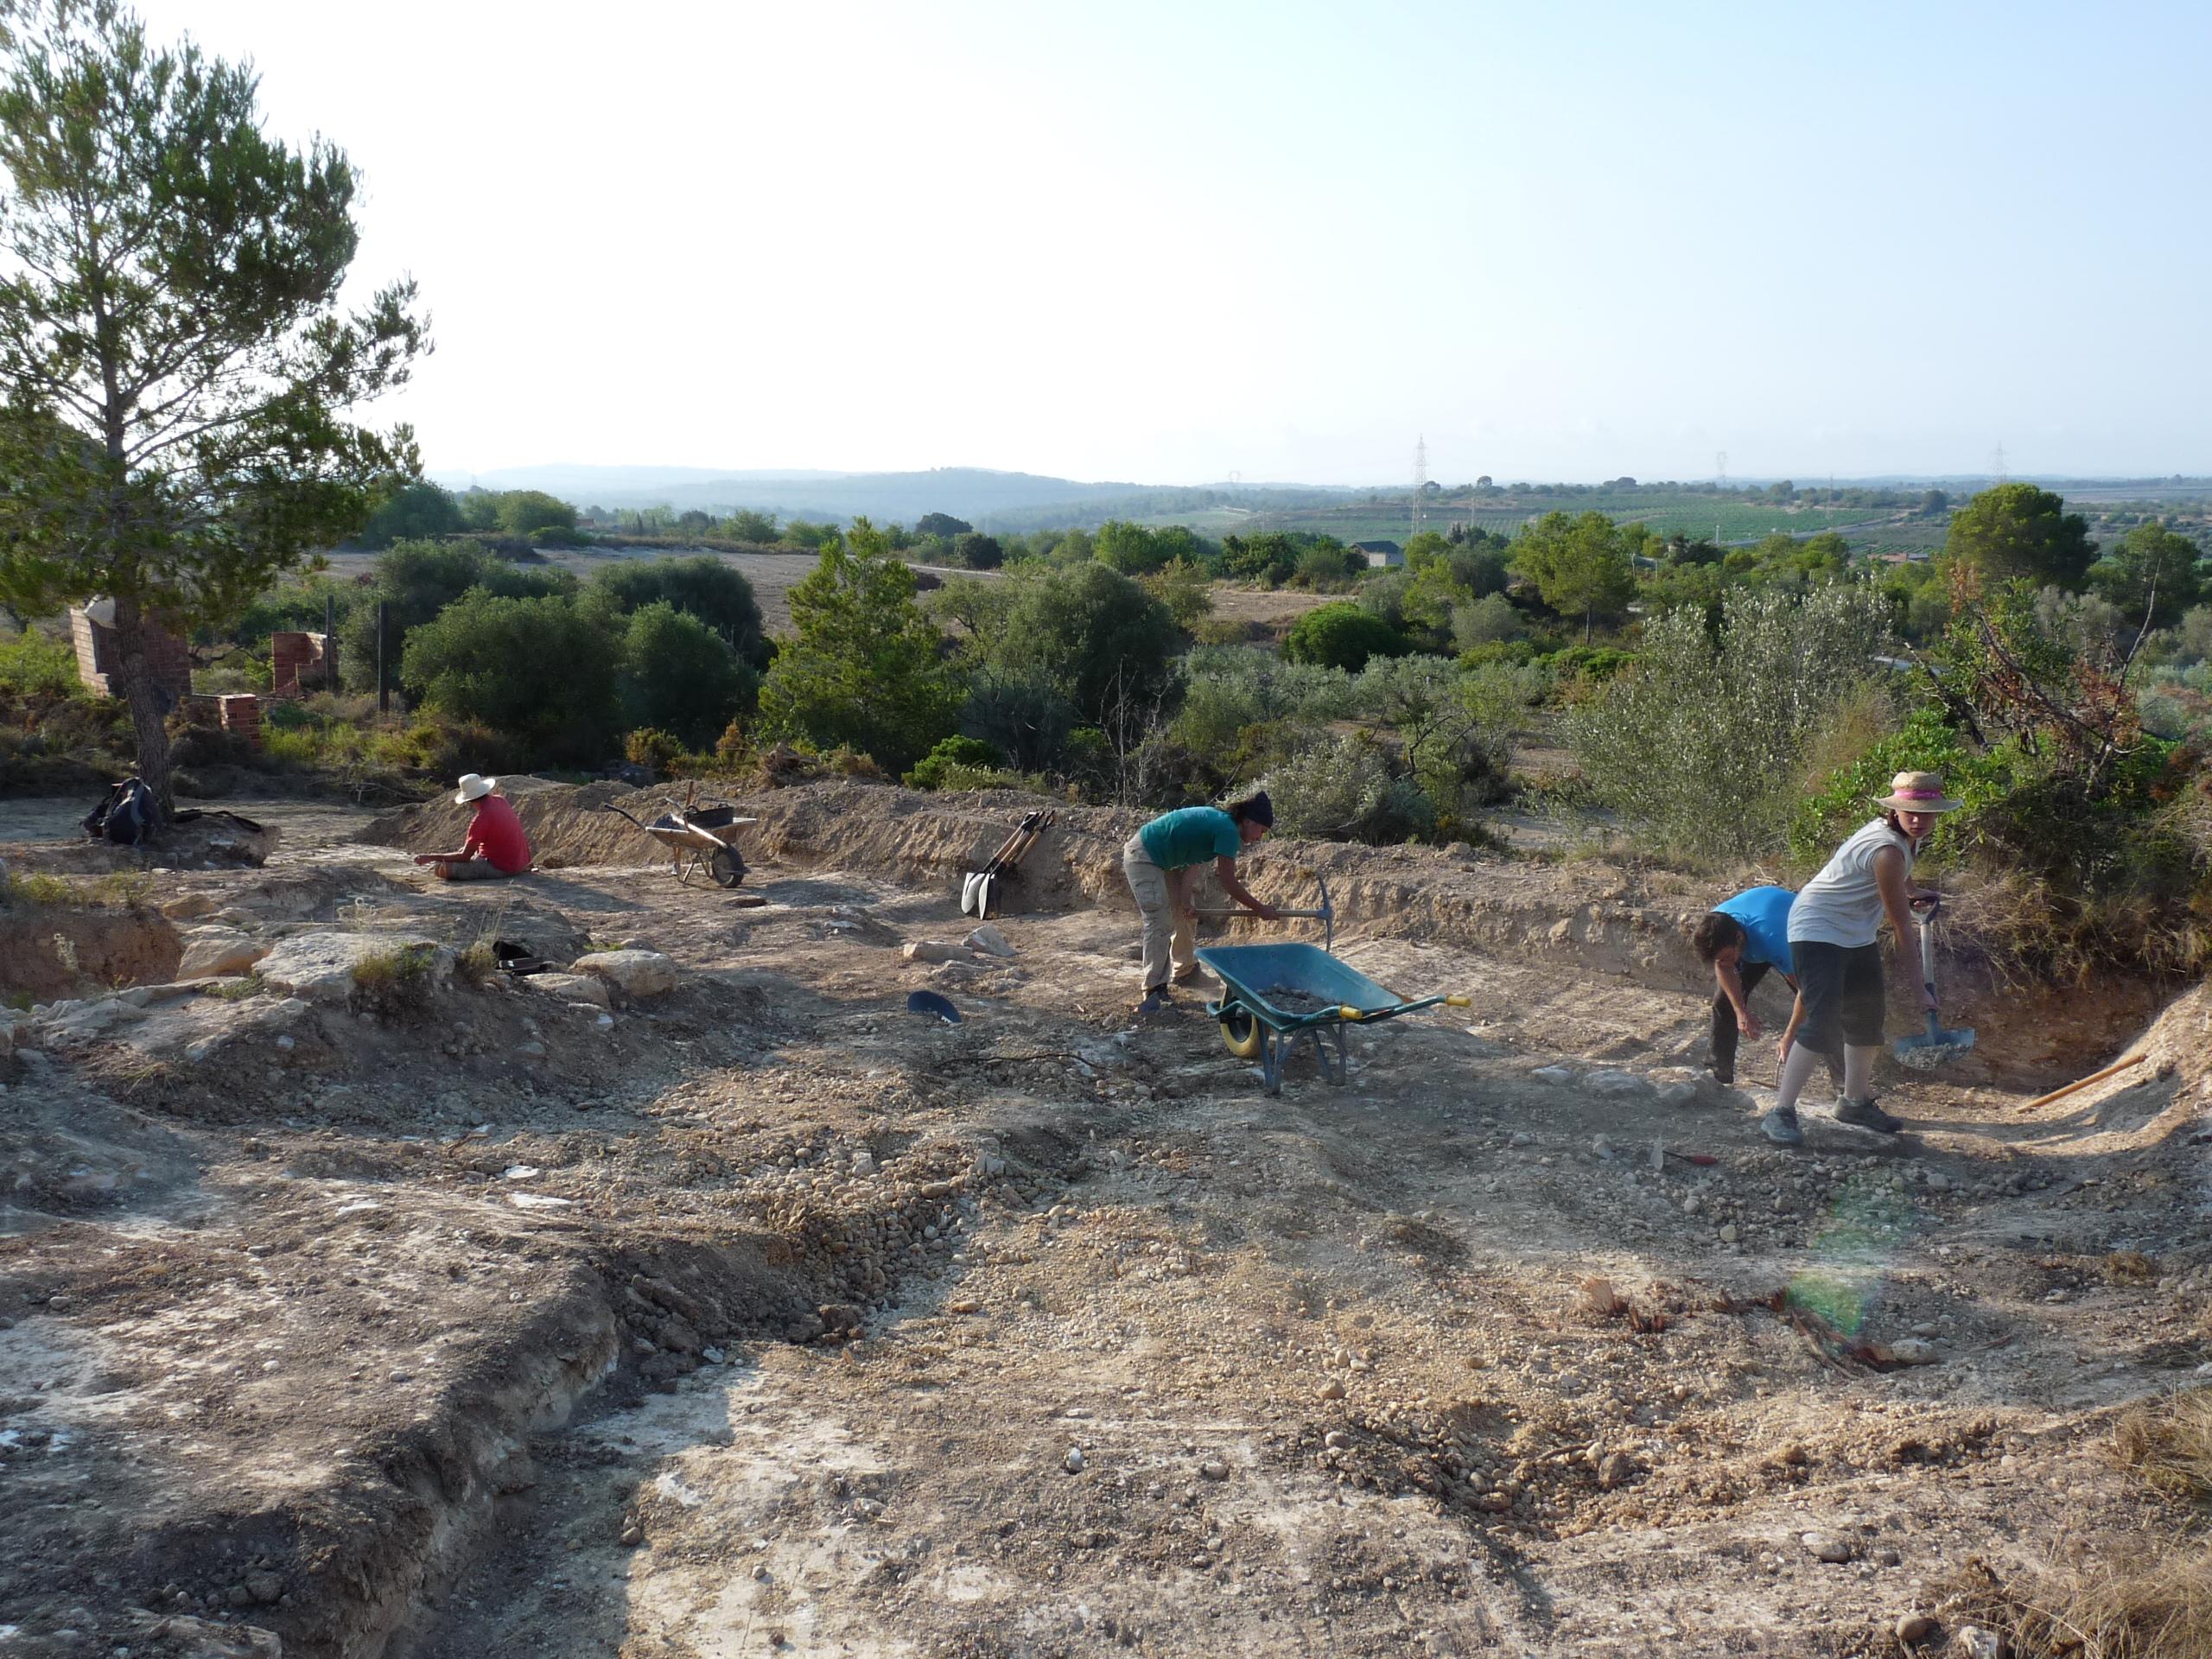 Costa de la Serra, campanya 2019. Membres de l'equip treballant en l'extrem est de la muralla, a l'entorn de la torre sud-est del fortí (© ICAC).